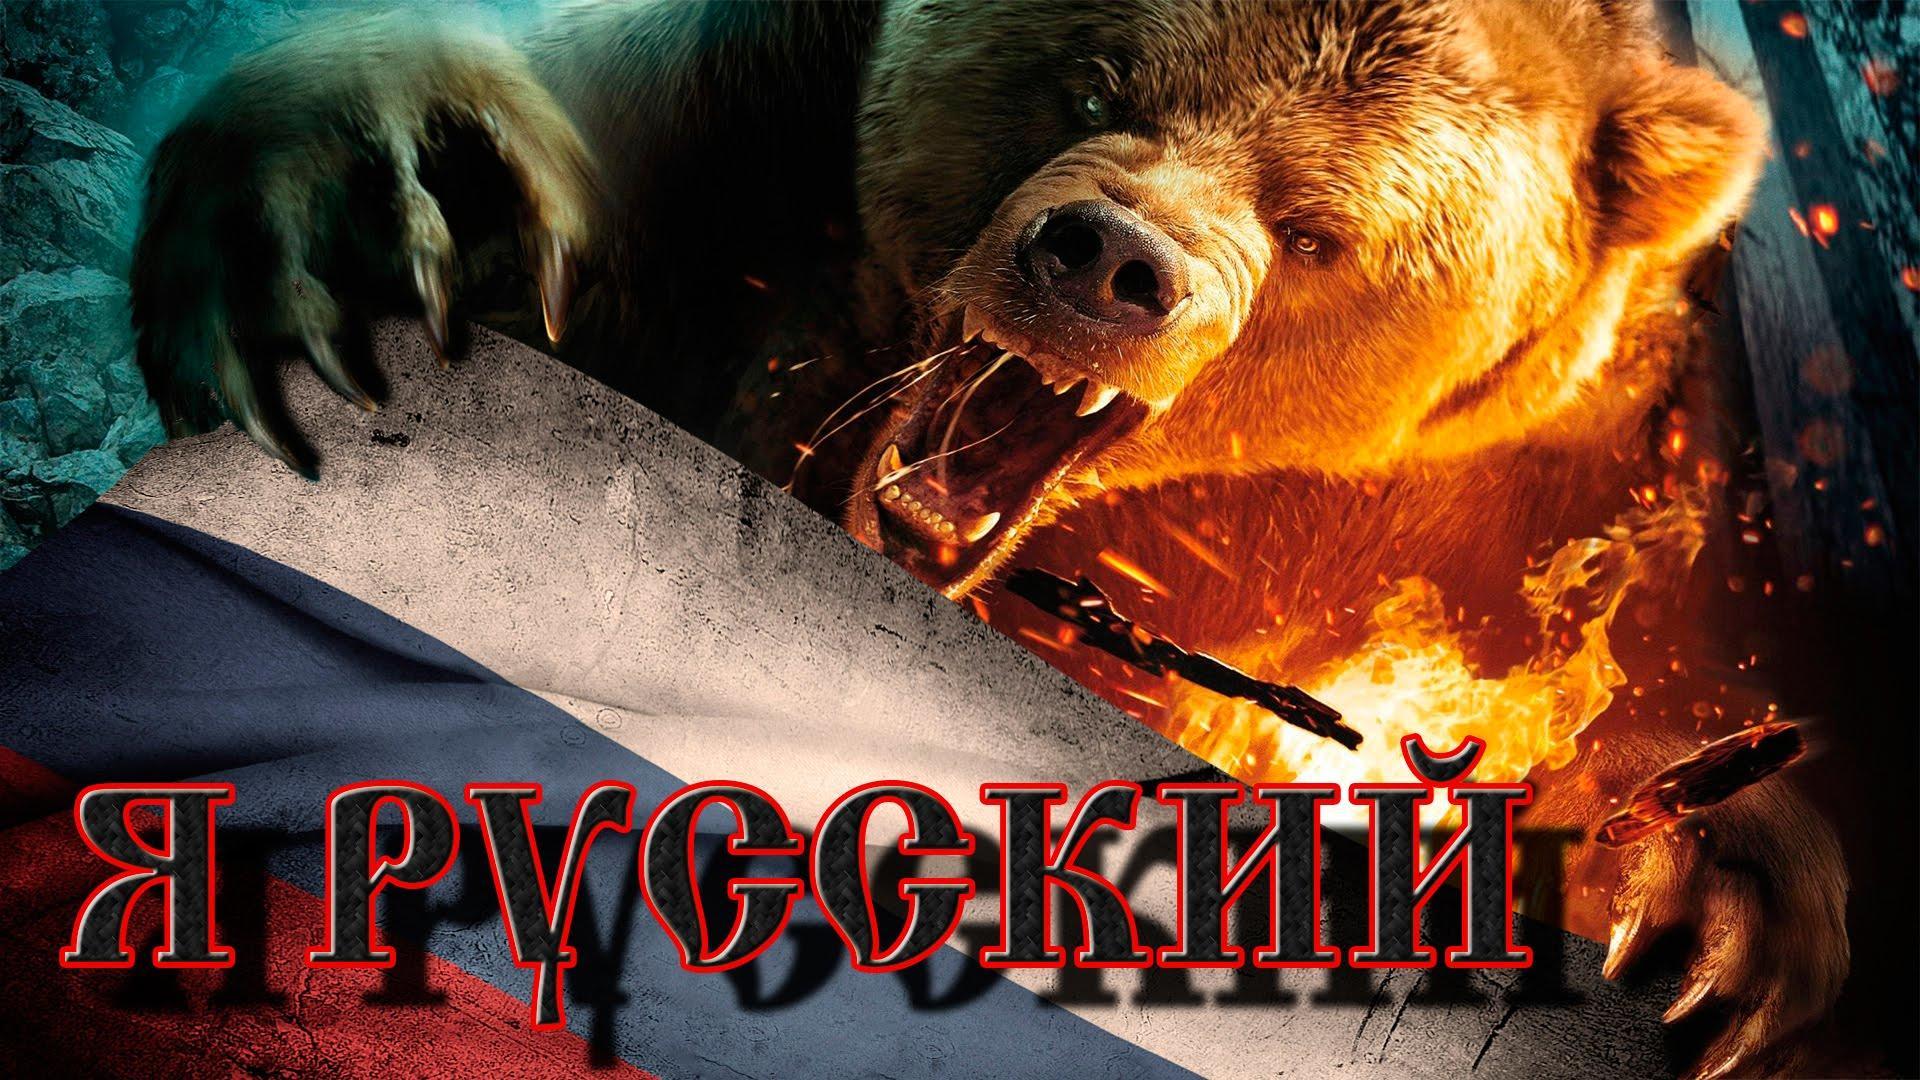 русский медведь обои на телефон каким причинам возникают